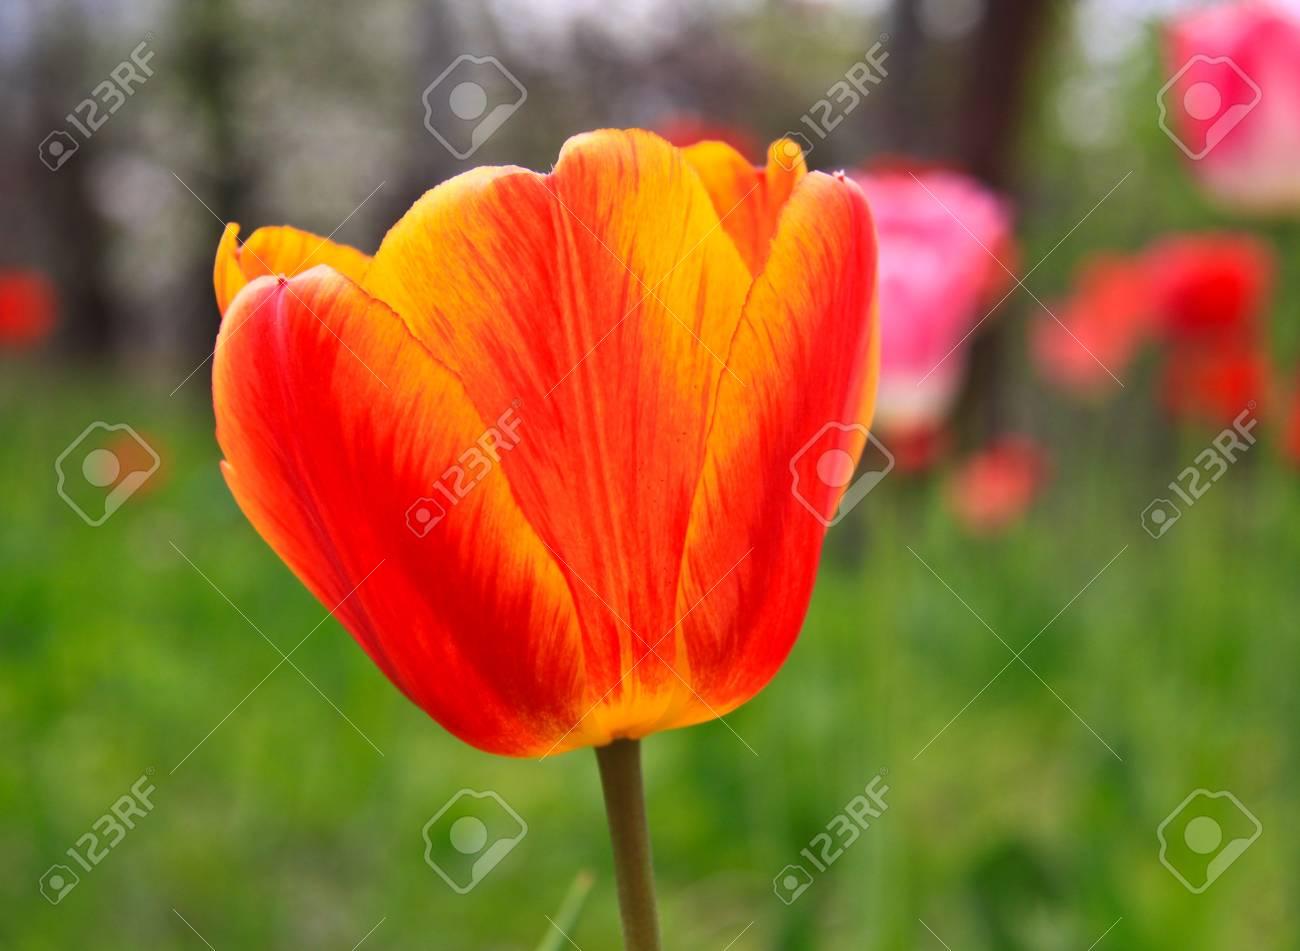 The tulip Stock Photo - 12751596